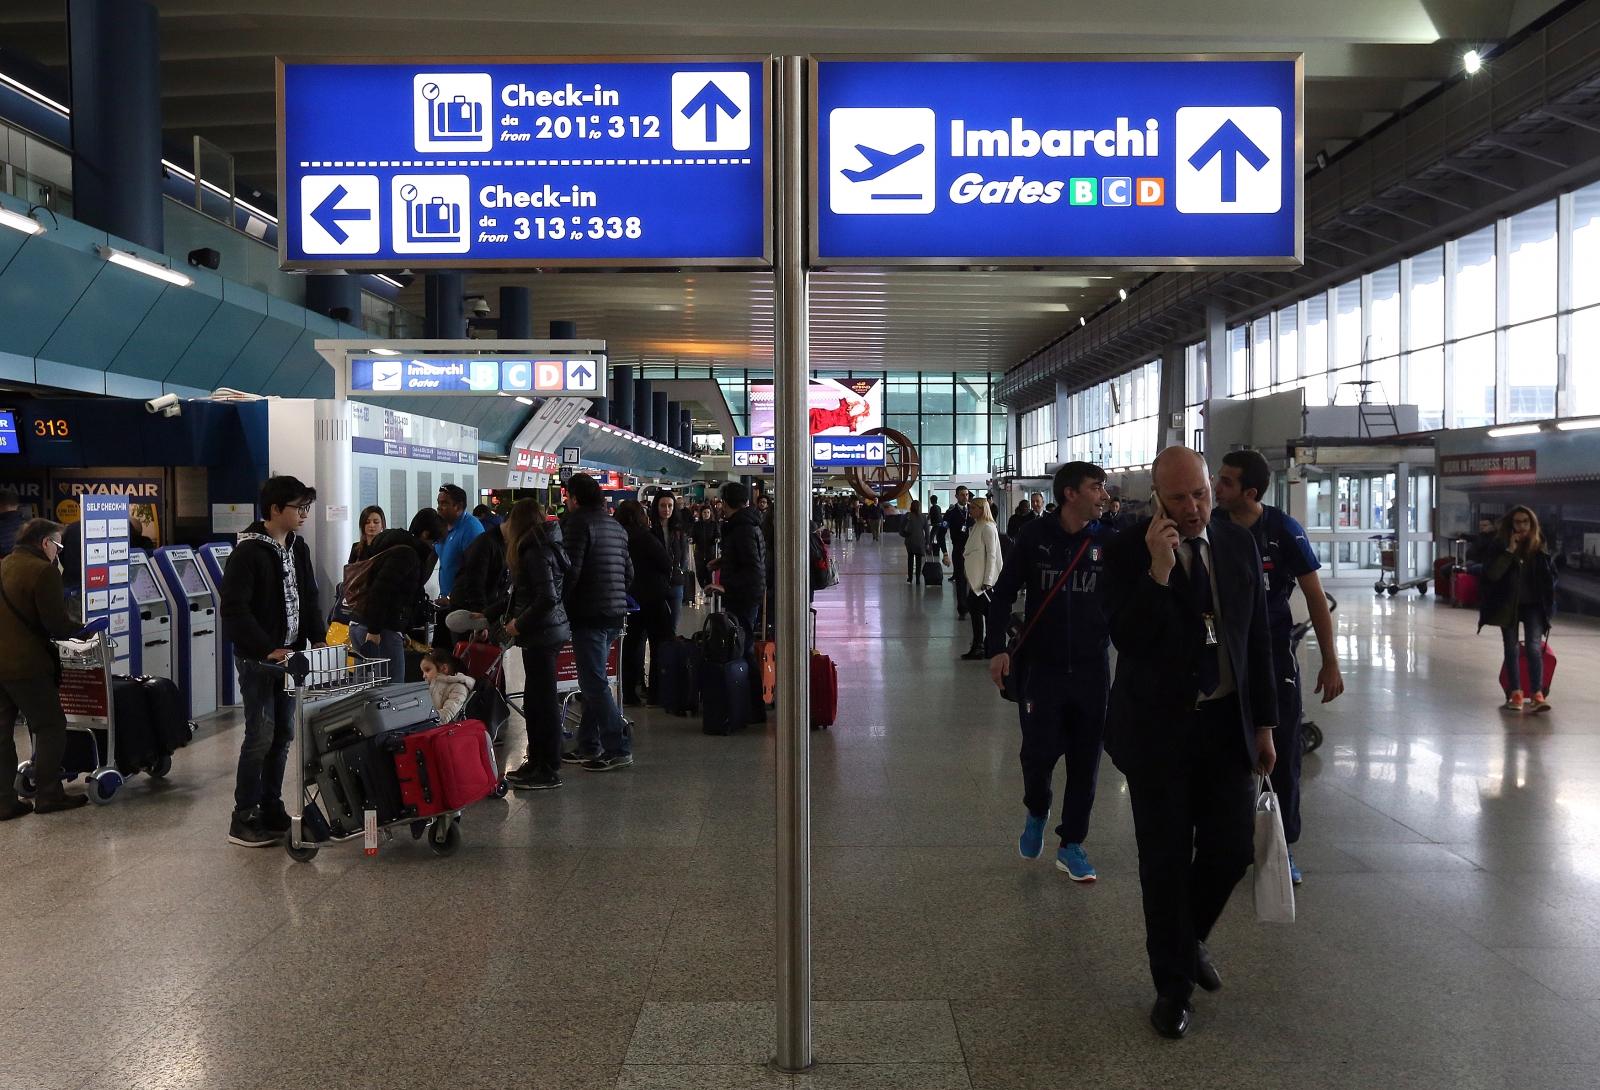 Fiumicino airport in Rome.